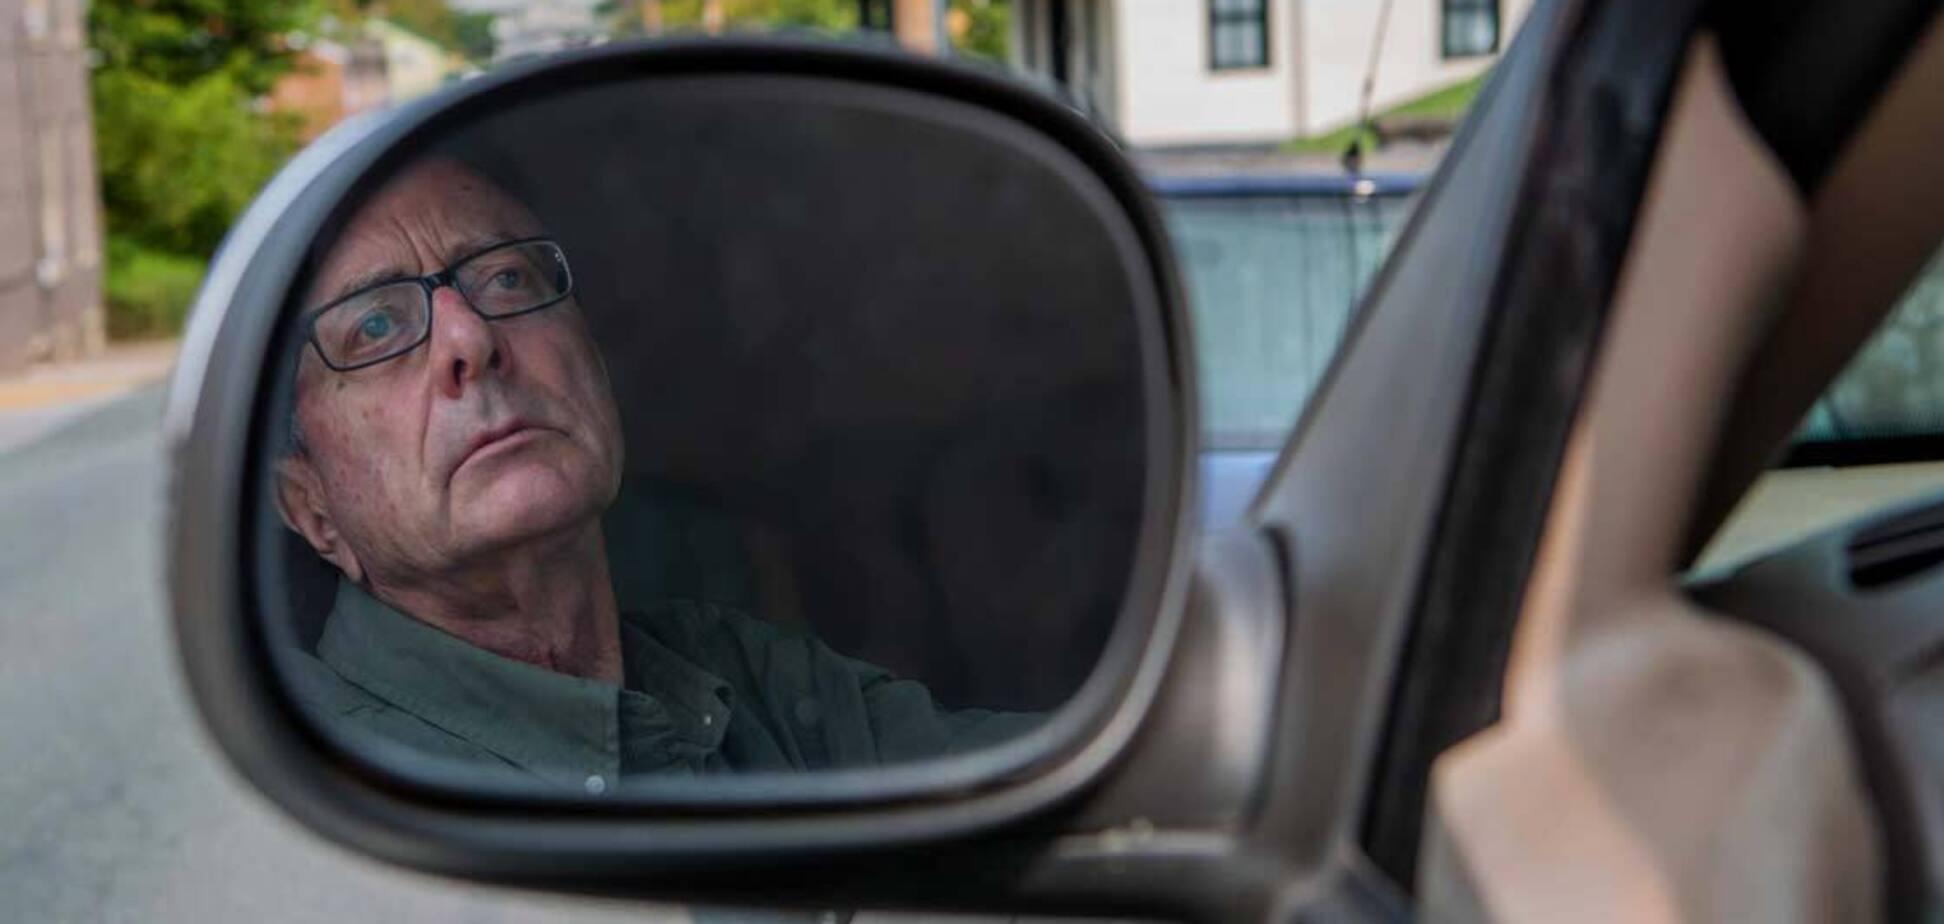 Дослідження показали, що літні водії рідше потрапляють в ДТП, ніж молоді